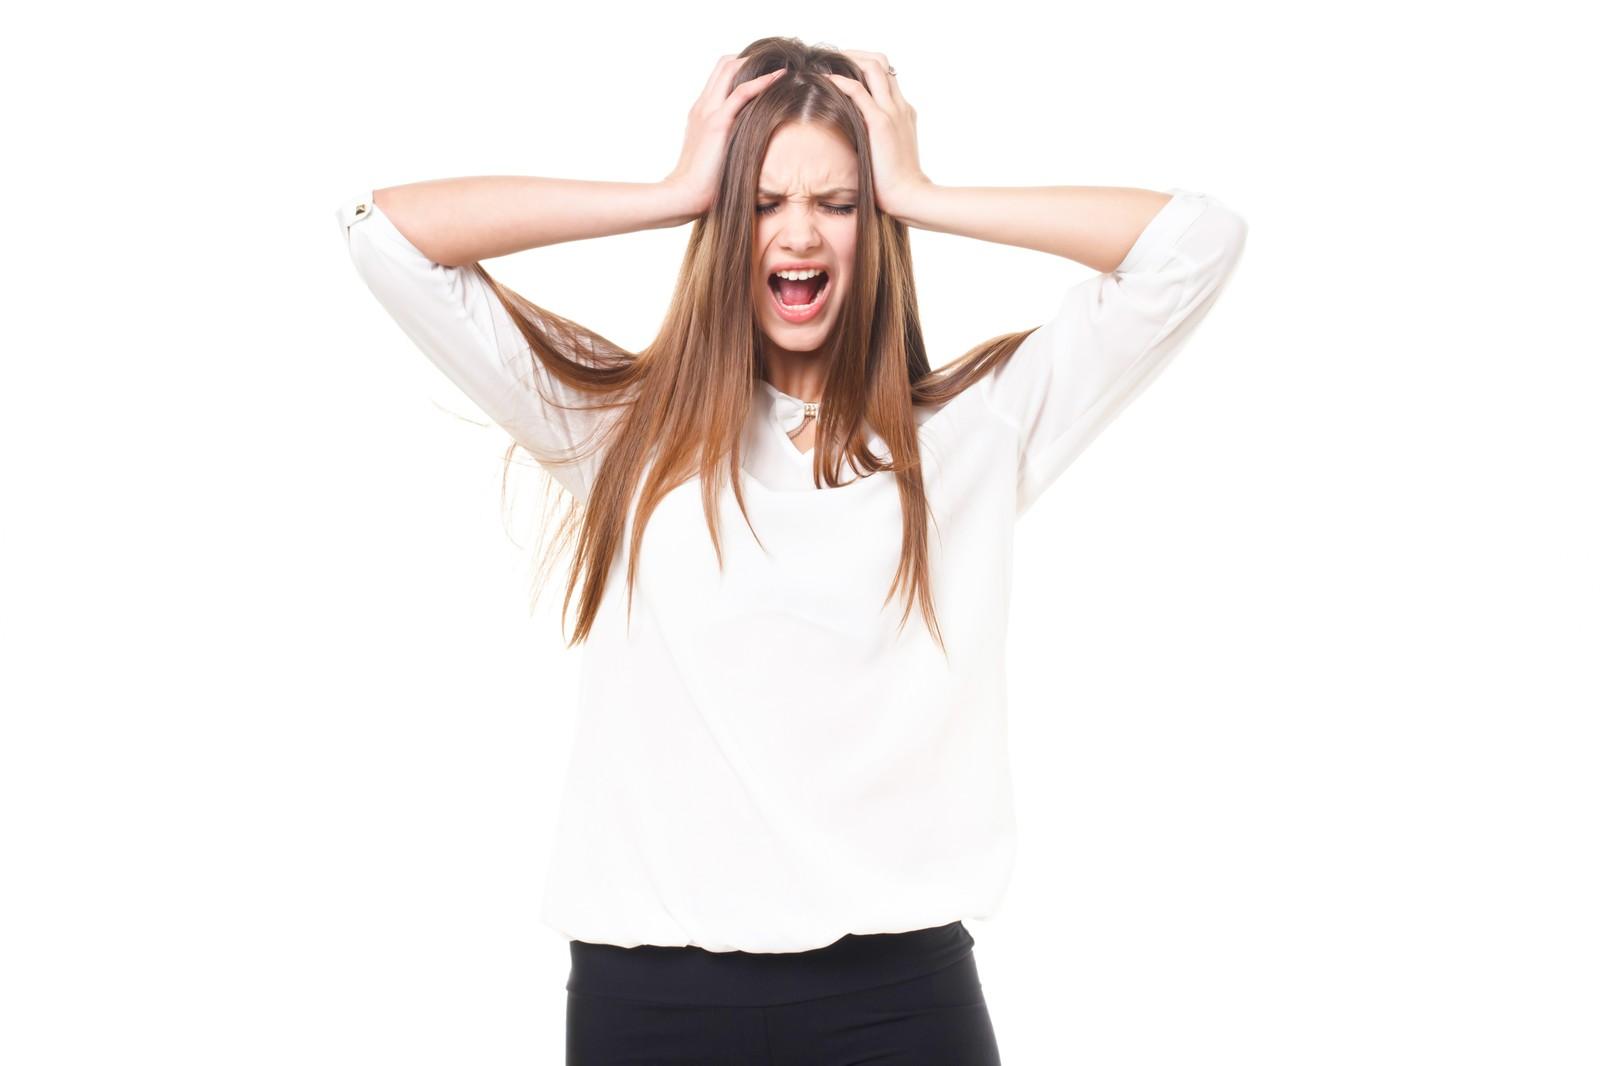 市販品の脱毛ワックスシートを買って失敗した…20代女の子の体験談!